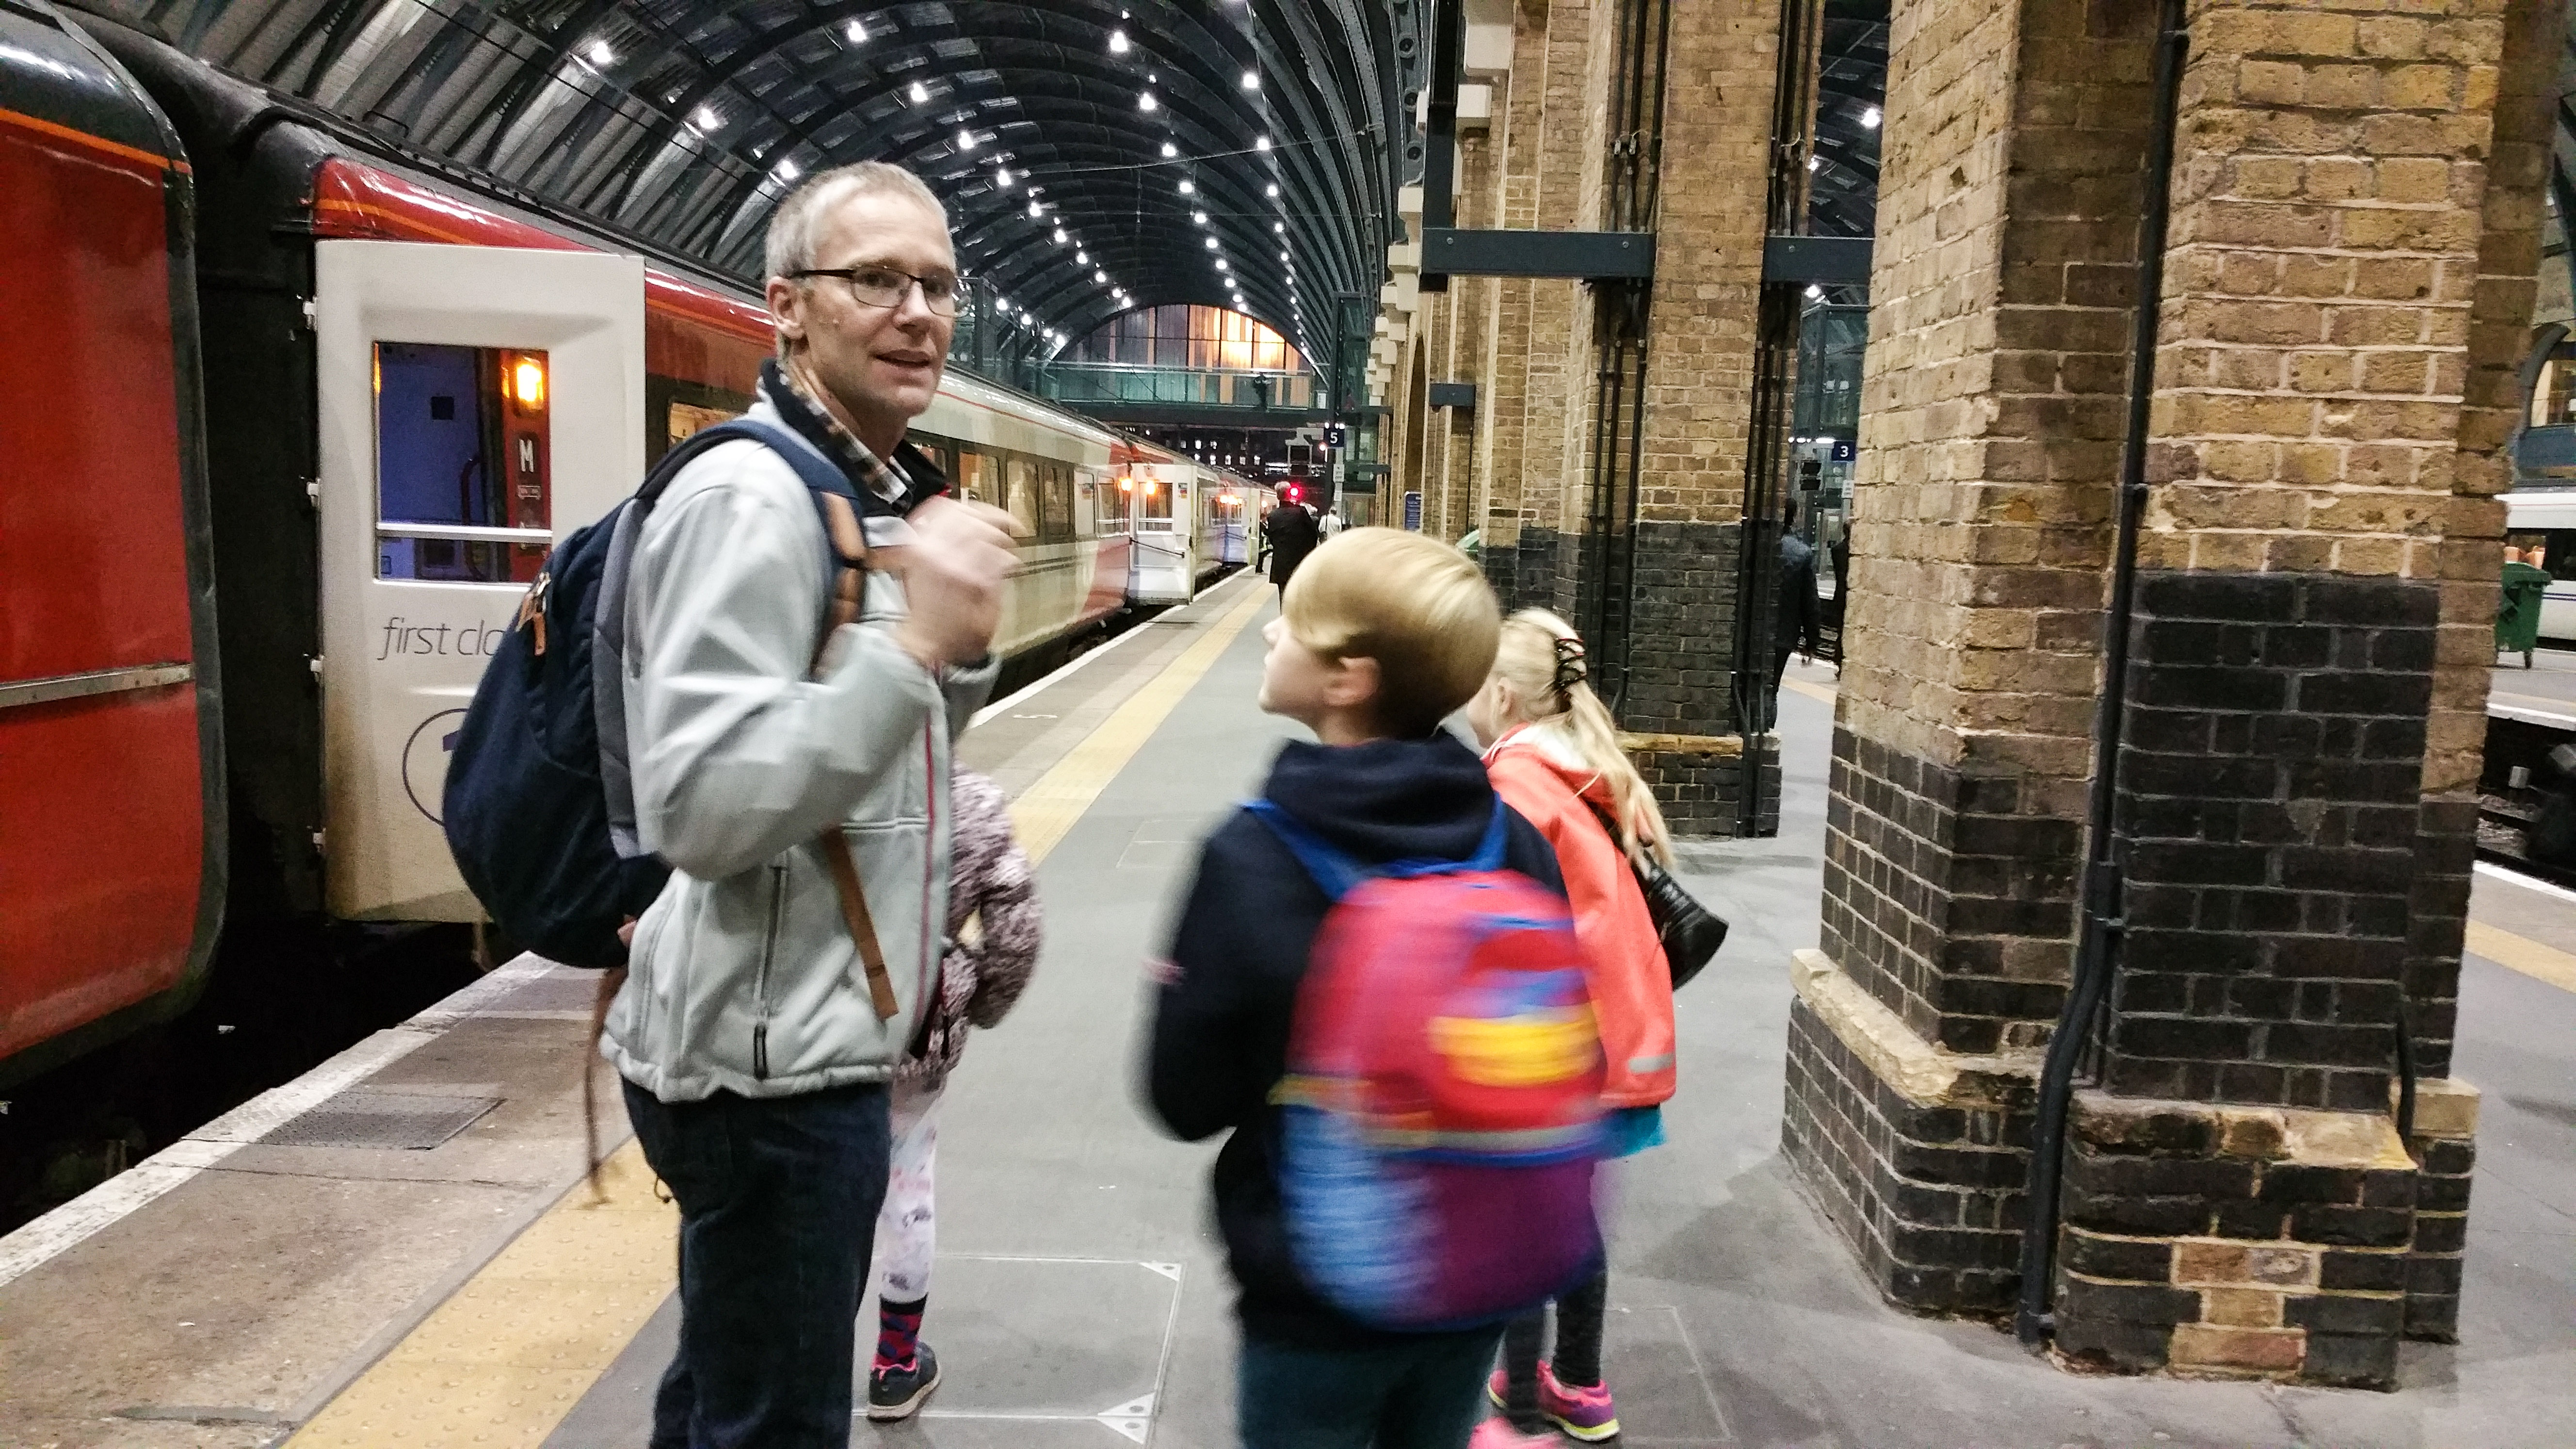 Harry Potter, Kings Cross station